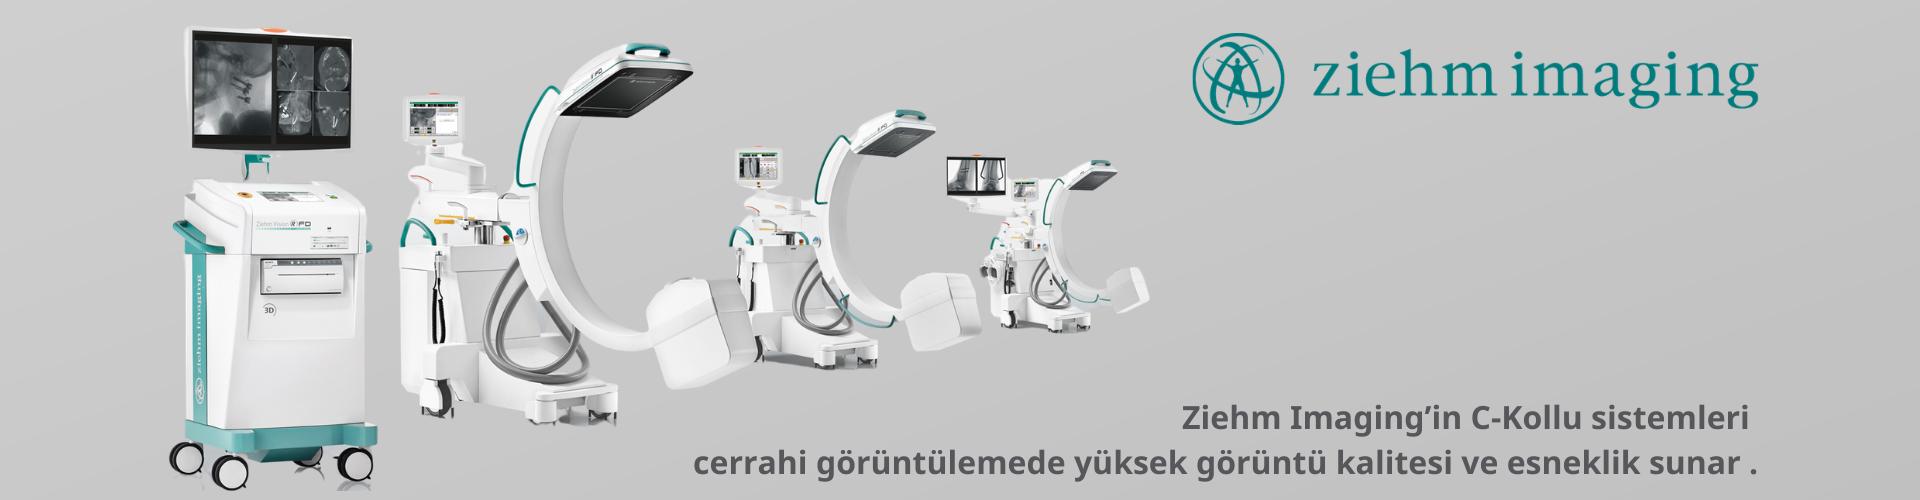 Ziehm Imaging